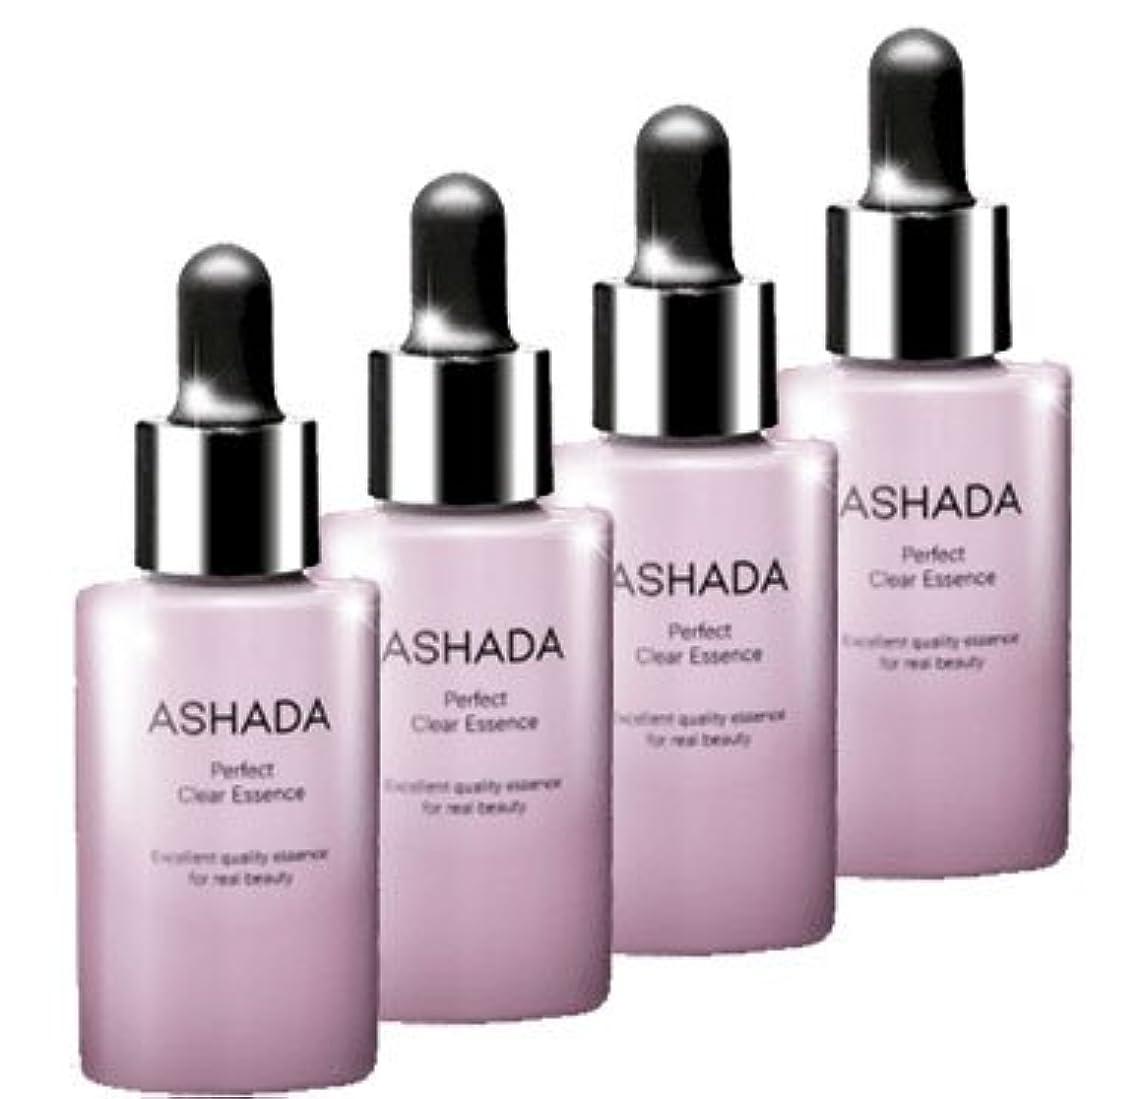 秀でる効率もASHADA-アスハダ- パーフェクトクリアエッセンス (GDF-11 配合 幹細胞 コスメ)【4個セット】